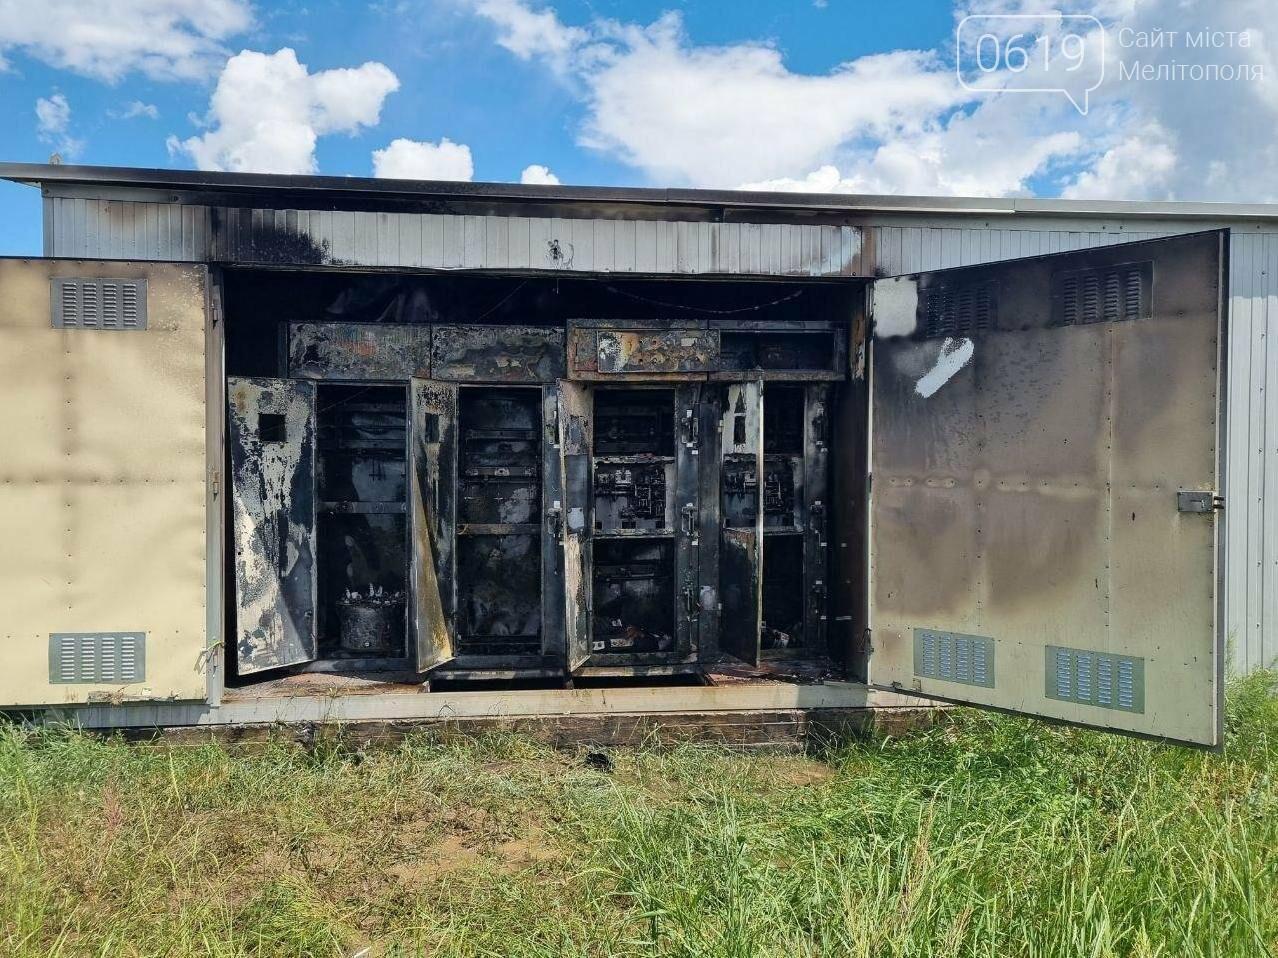 Пожар в Мелитопольском районе: горела трансформаторная подстанция, фото-2